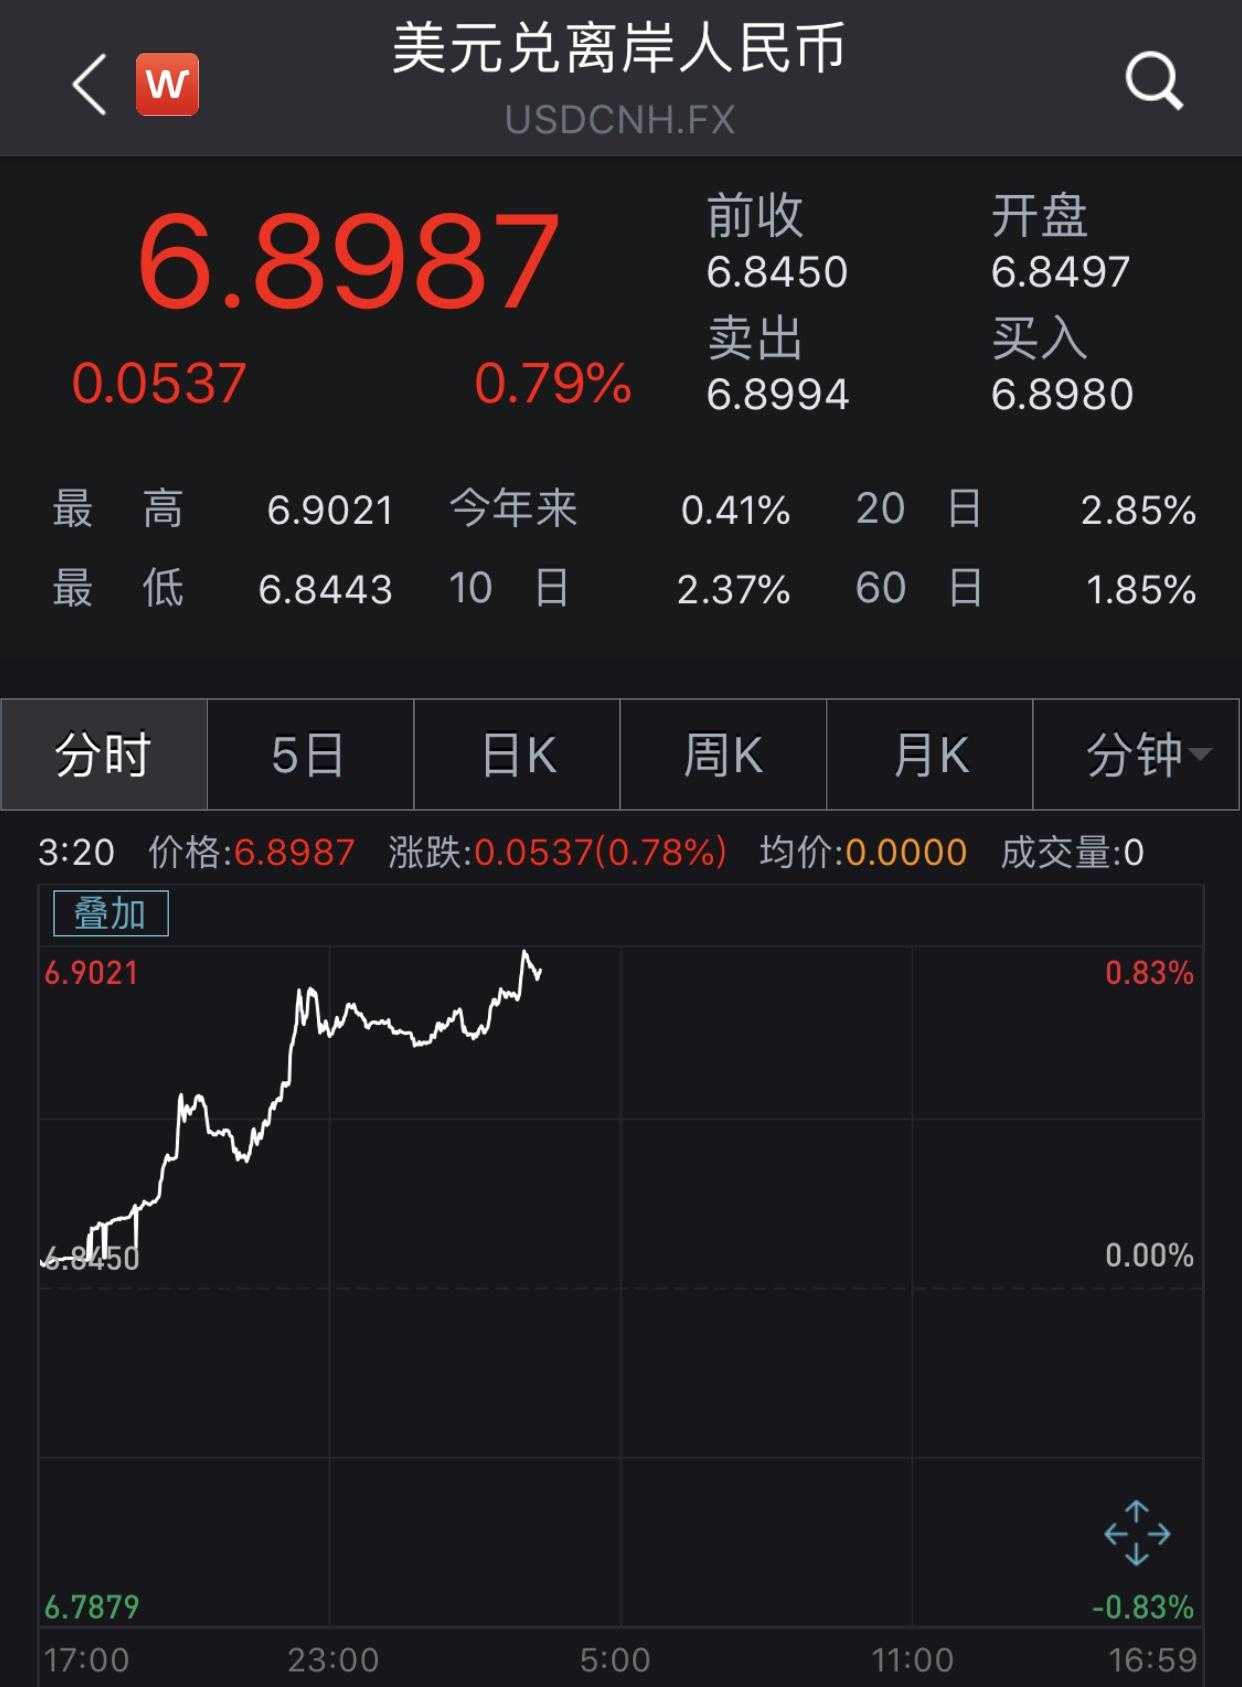 离岸人民币汇率跌破6.90关口,抹去今年以来全部涨幅_法国新闻_法国中文网